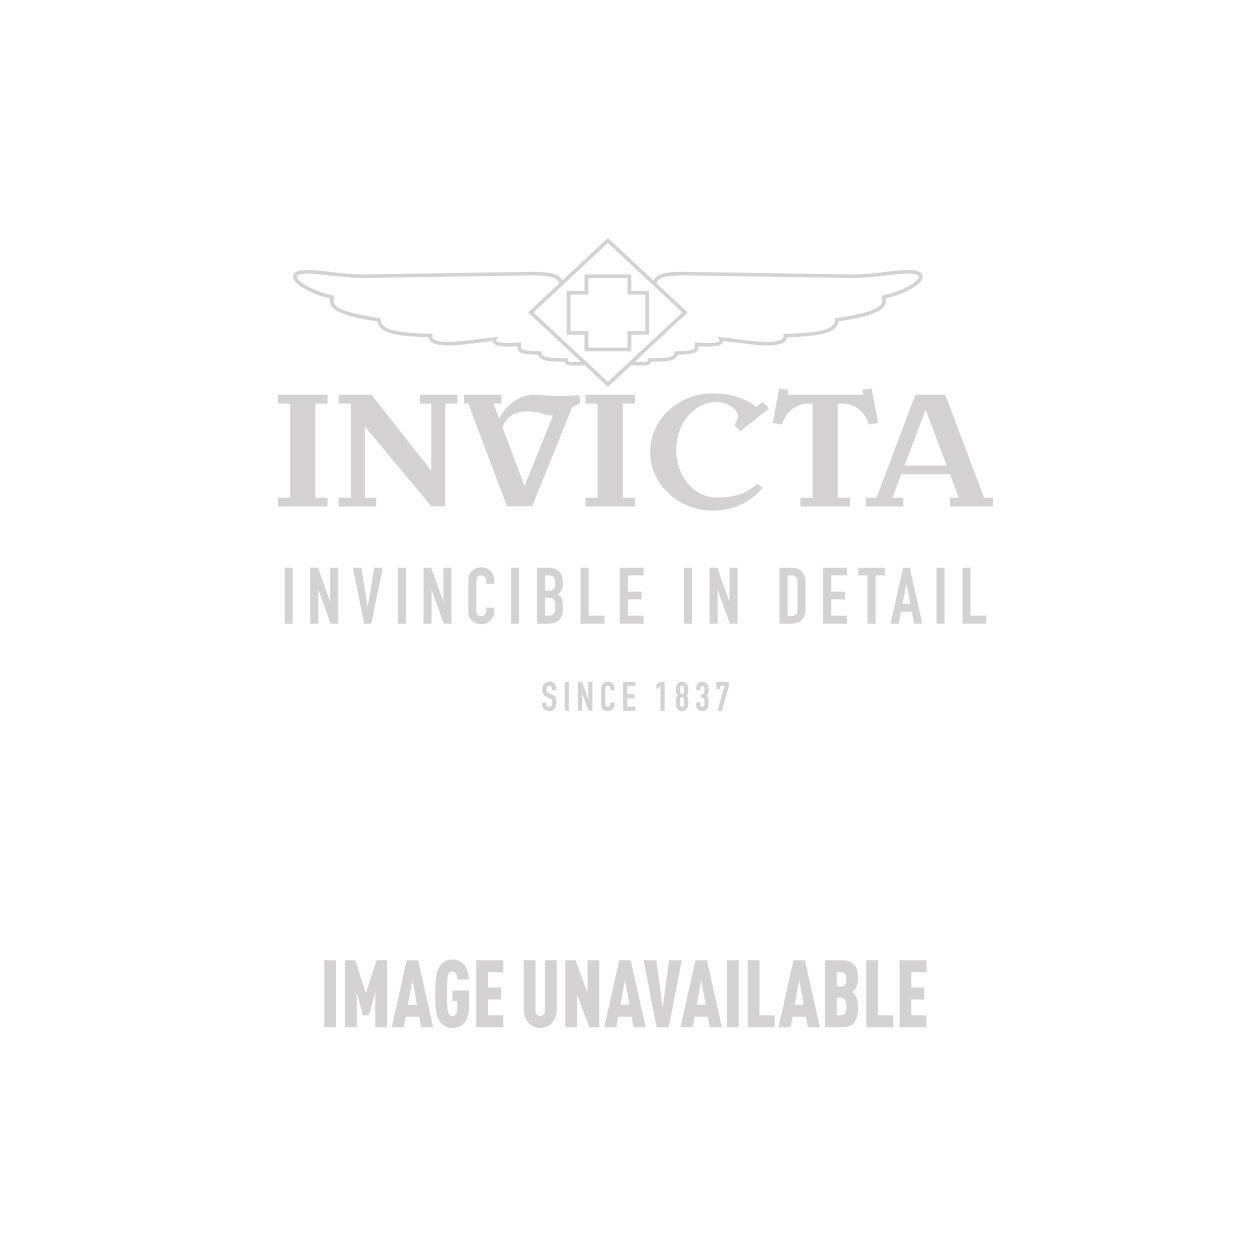 Invicta Case DC8CAMO-SAND